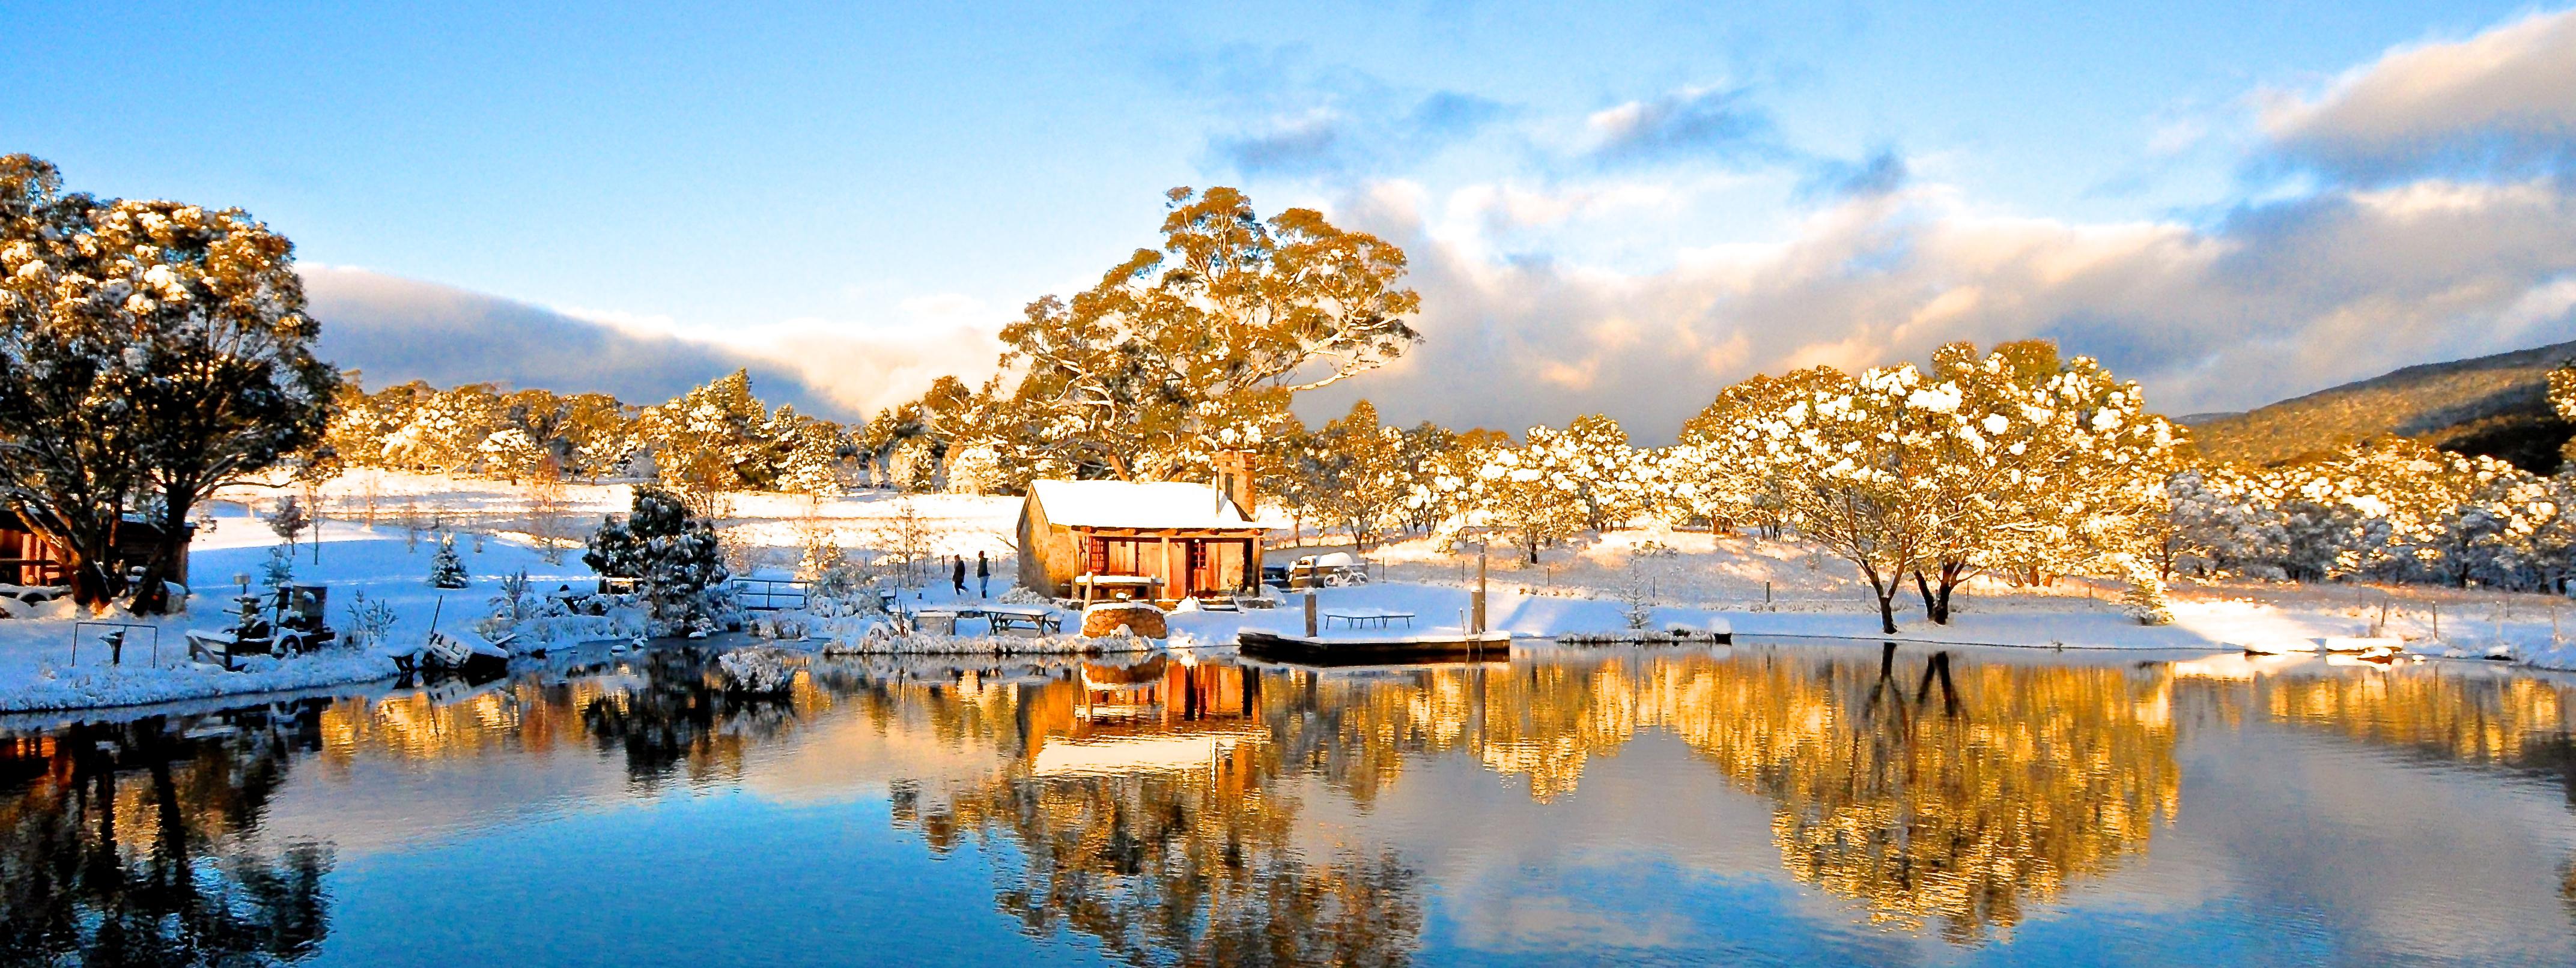 Winter at Moonbah Lake Hut